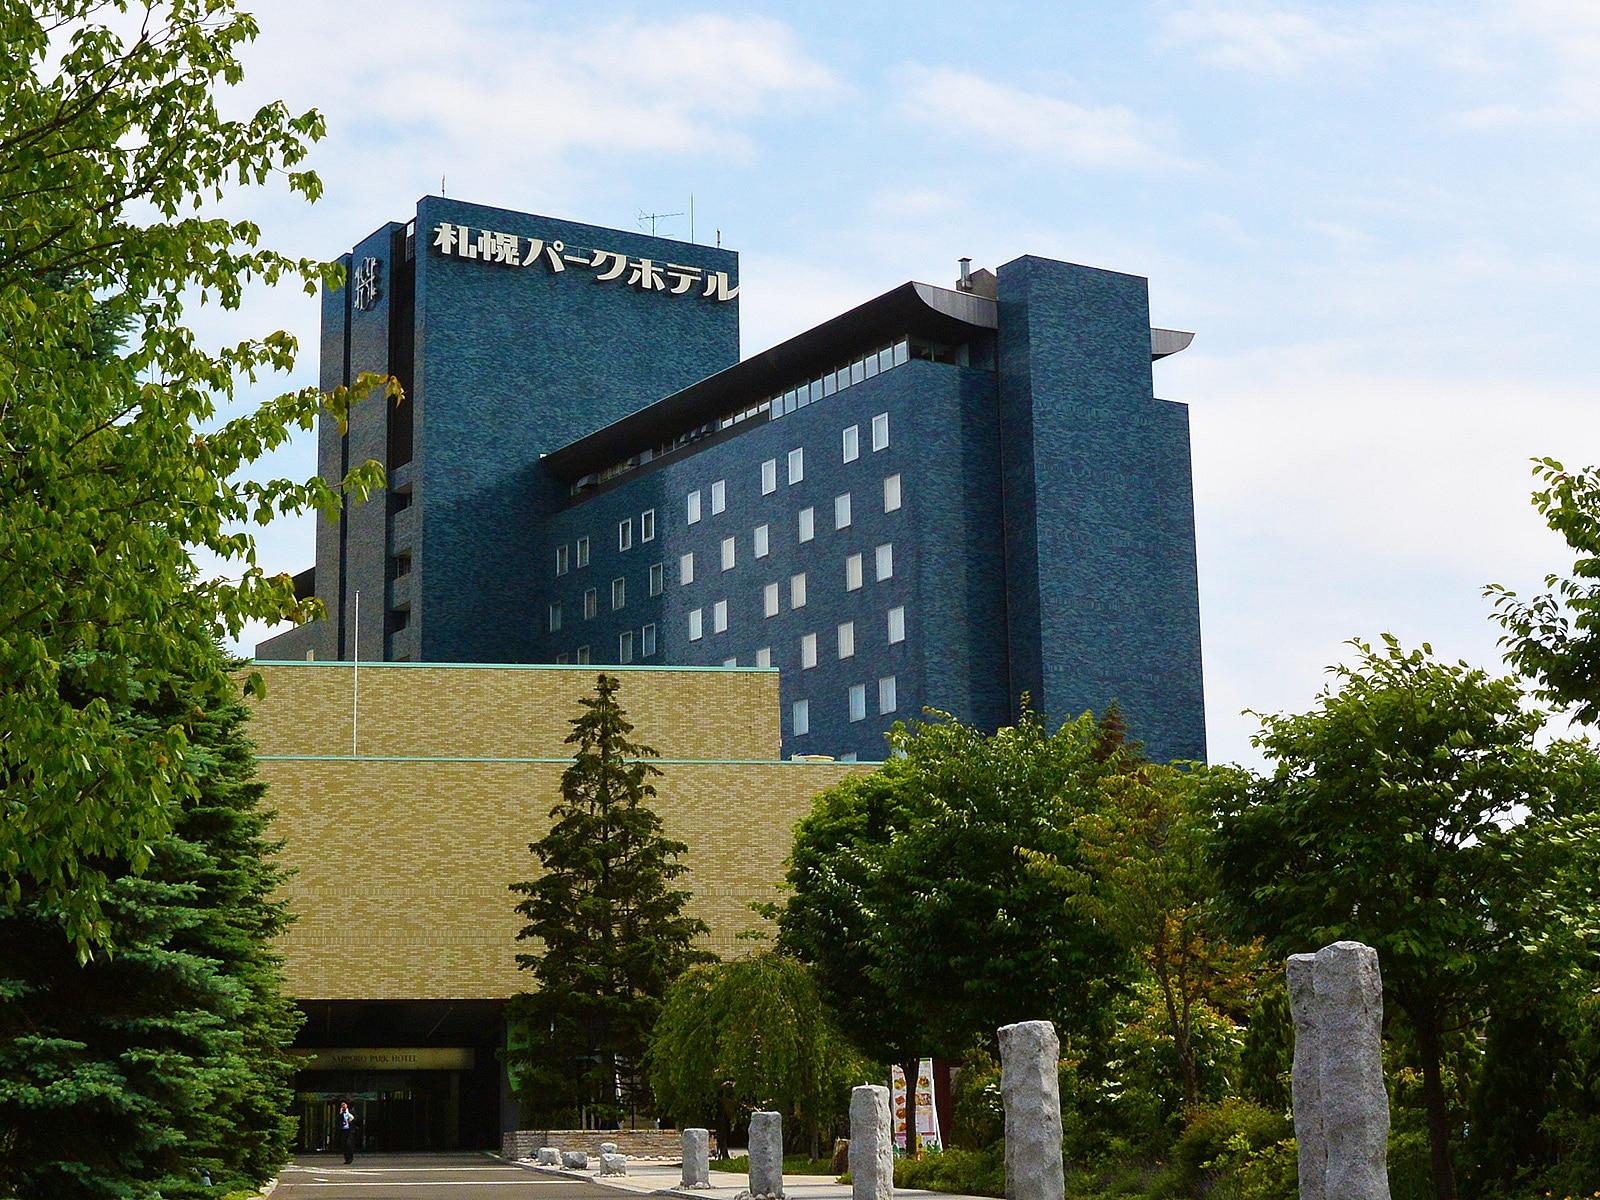 ホテル 札幌 パーク